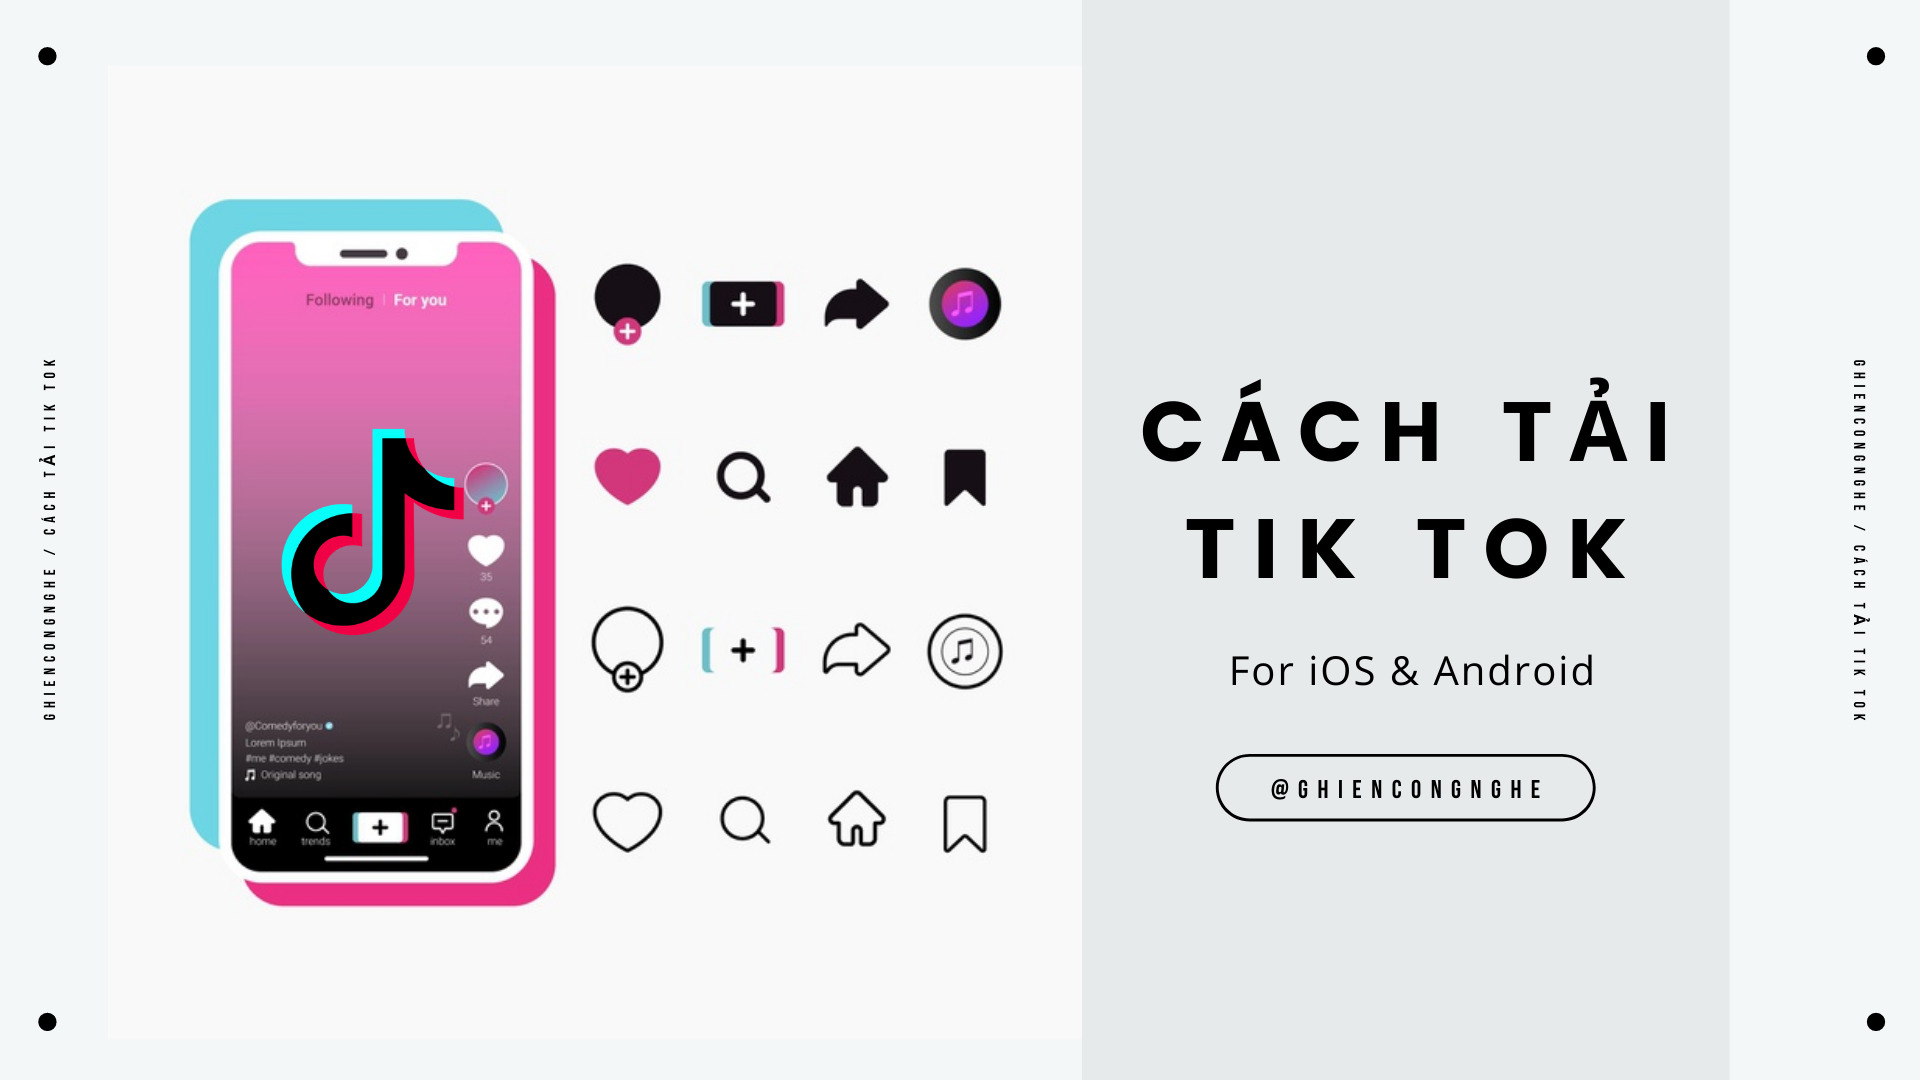 2 cách tải TikTok để thoả sức sống ảo với bạn bè